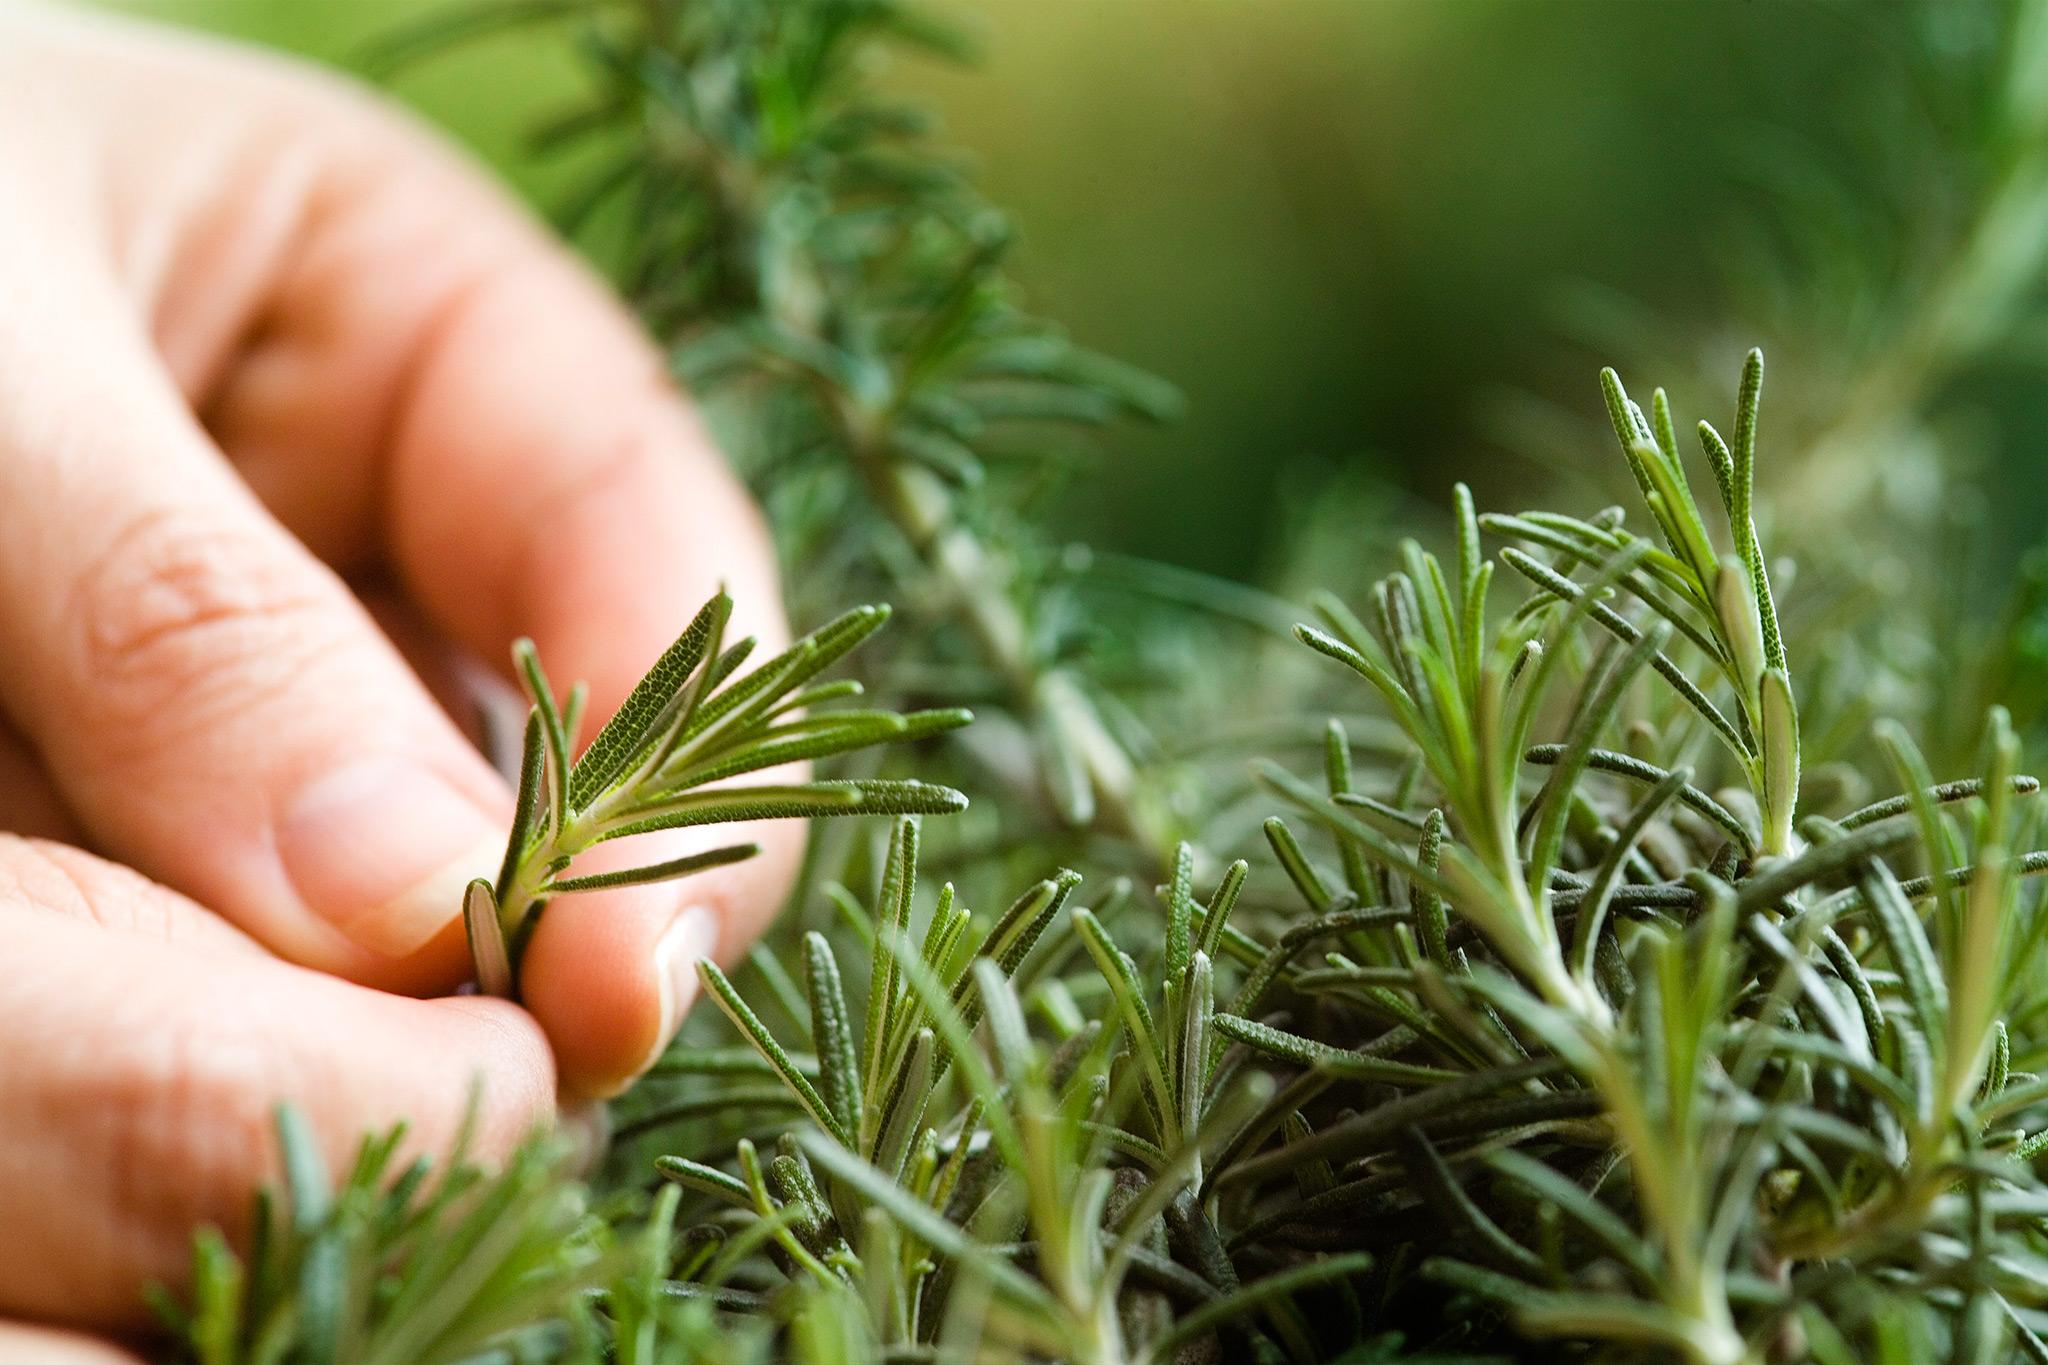 harvesting-rosemary-leaves-2